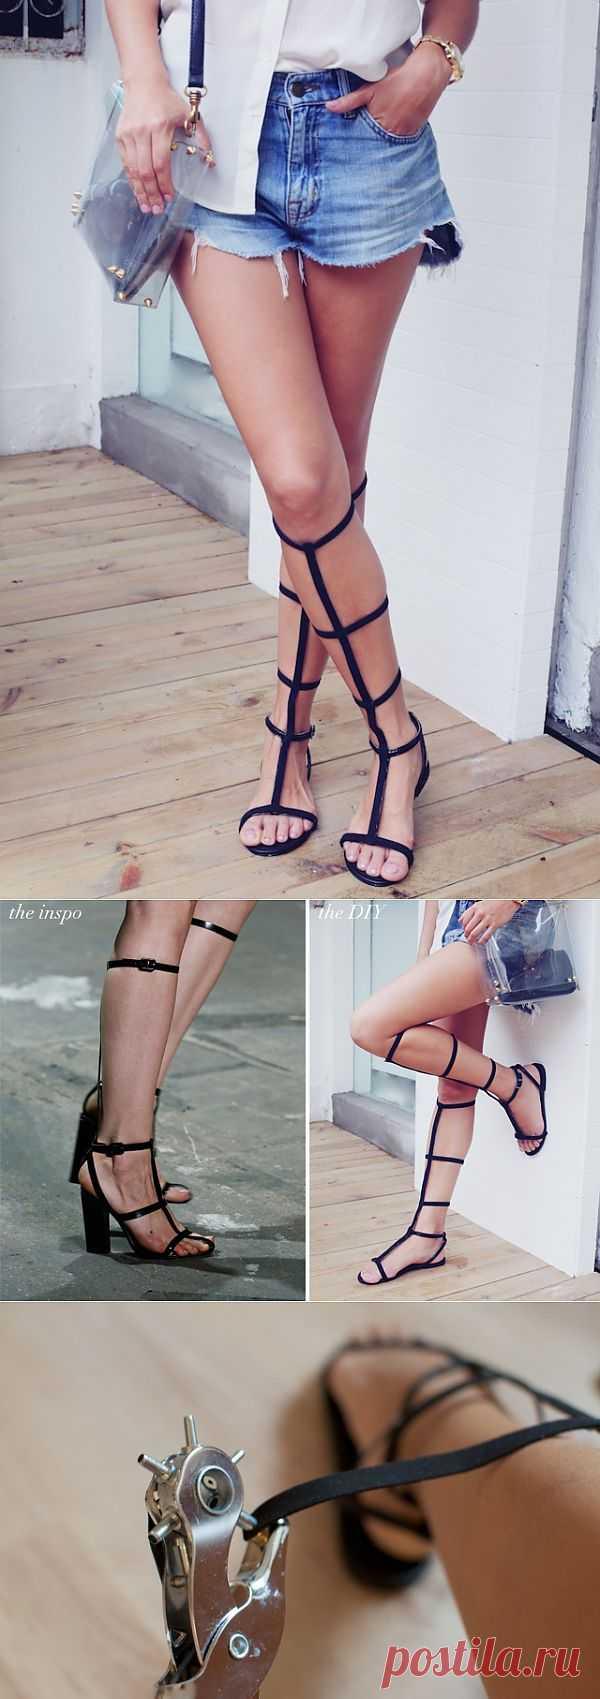 Гладиаторы Alexander Wang (DIY) / Обувь / Модный сайт о стильной переделке одежды и интерьера